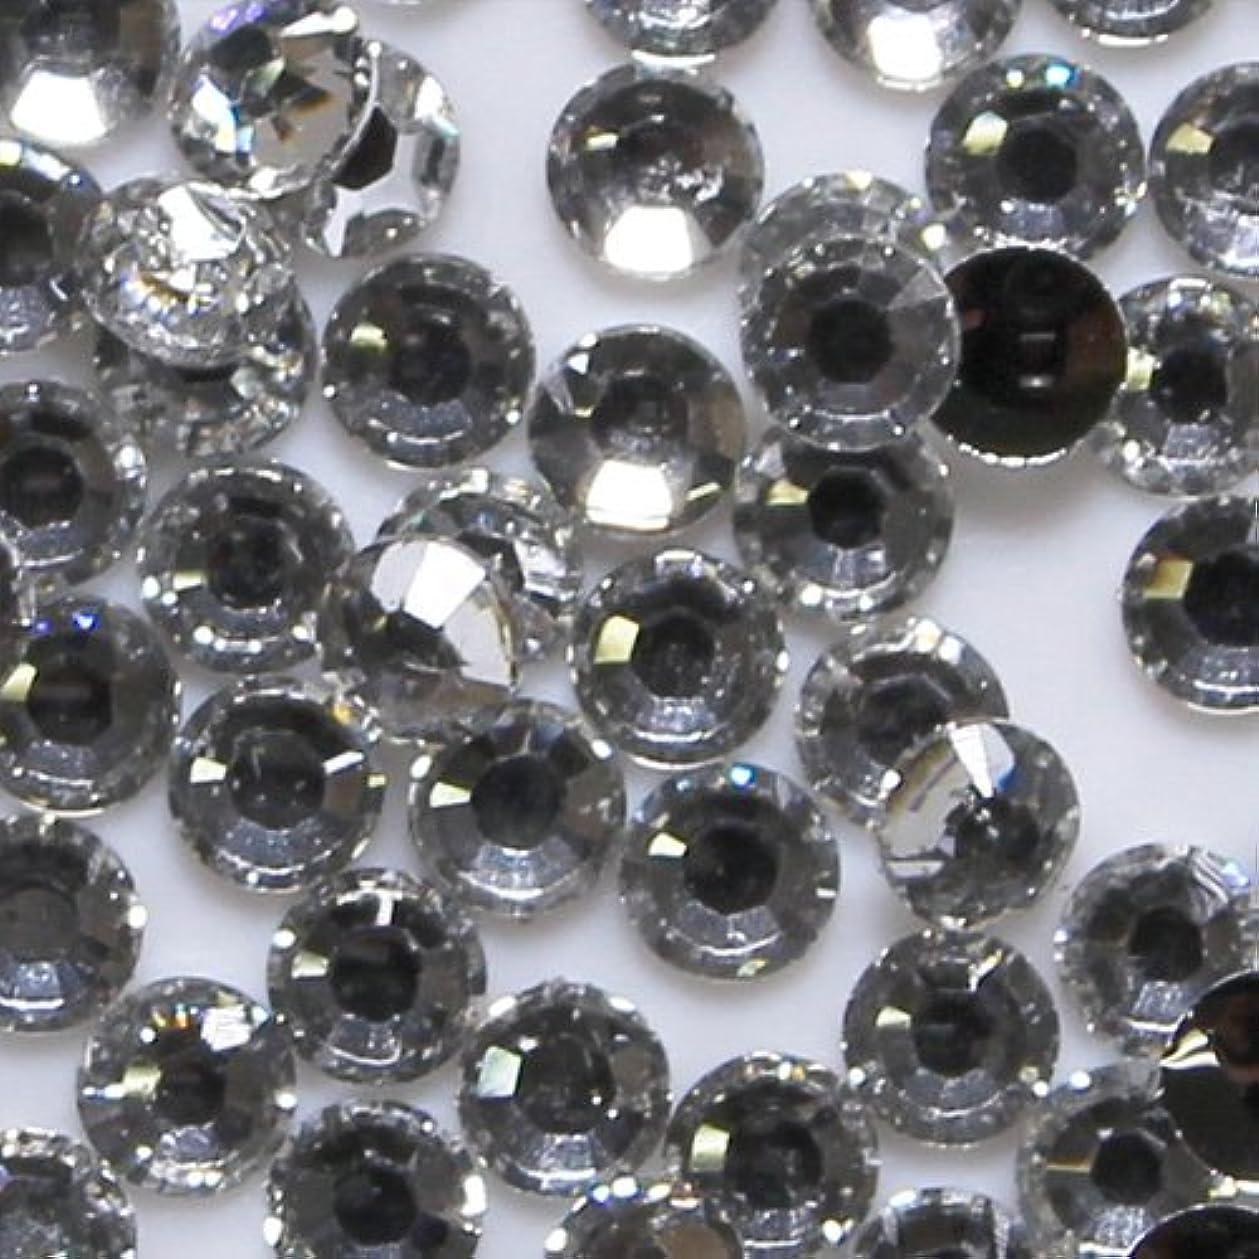 ゴムリボン火山学者高品質 アクリルストーン ラインストーン ラウンドフラット 約1000粒入り 4mm ダイヤモンド